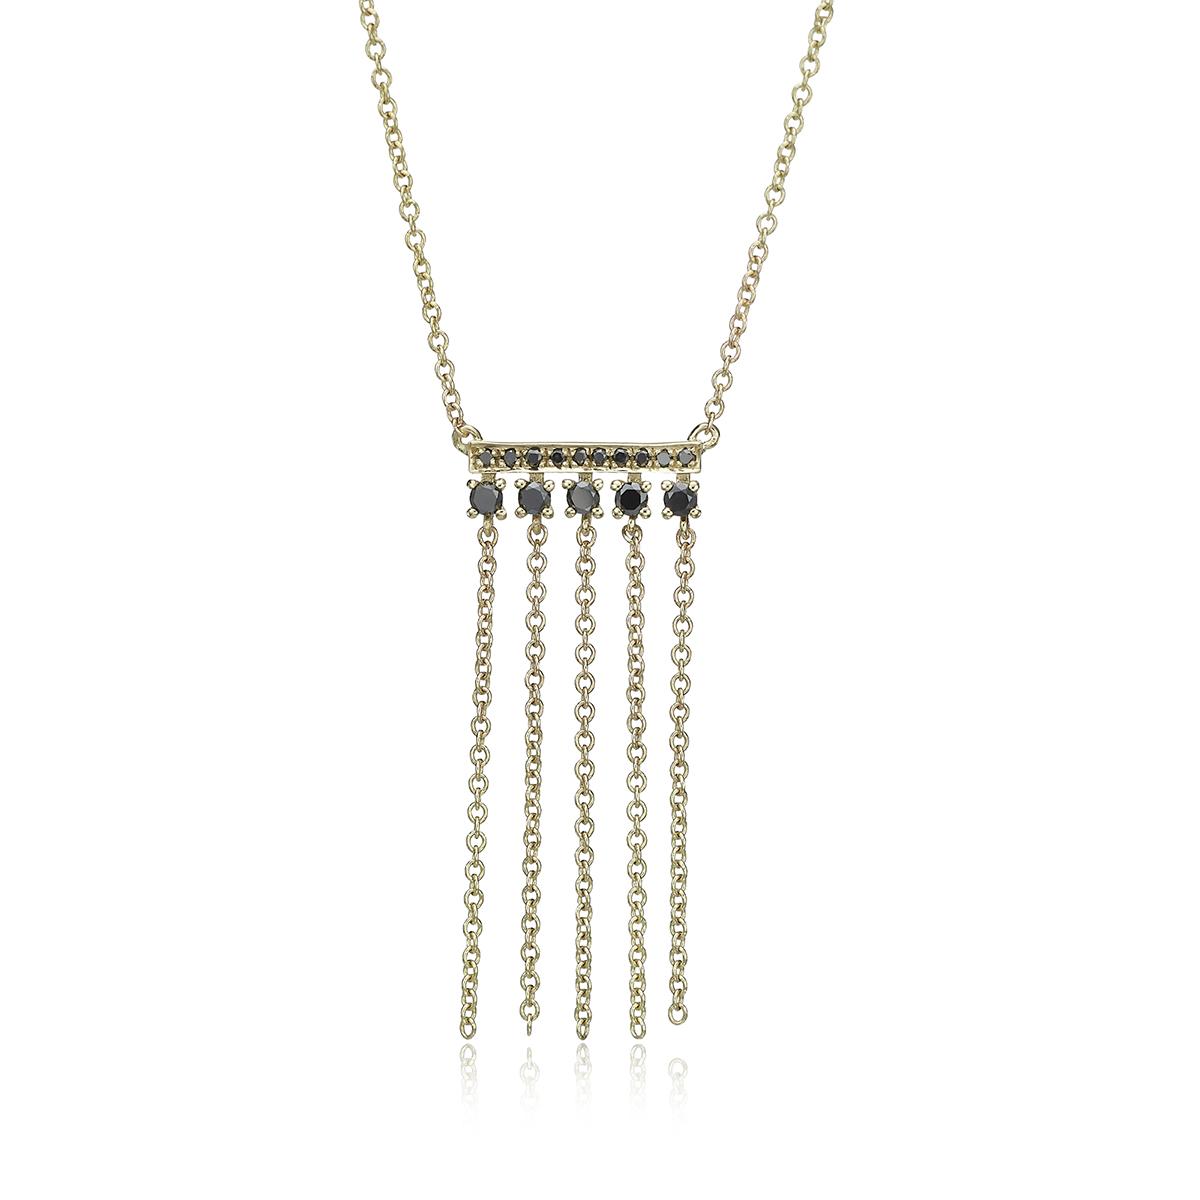 Unique Black Diamond Bar Necklace